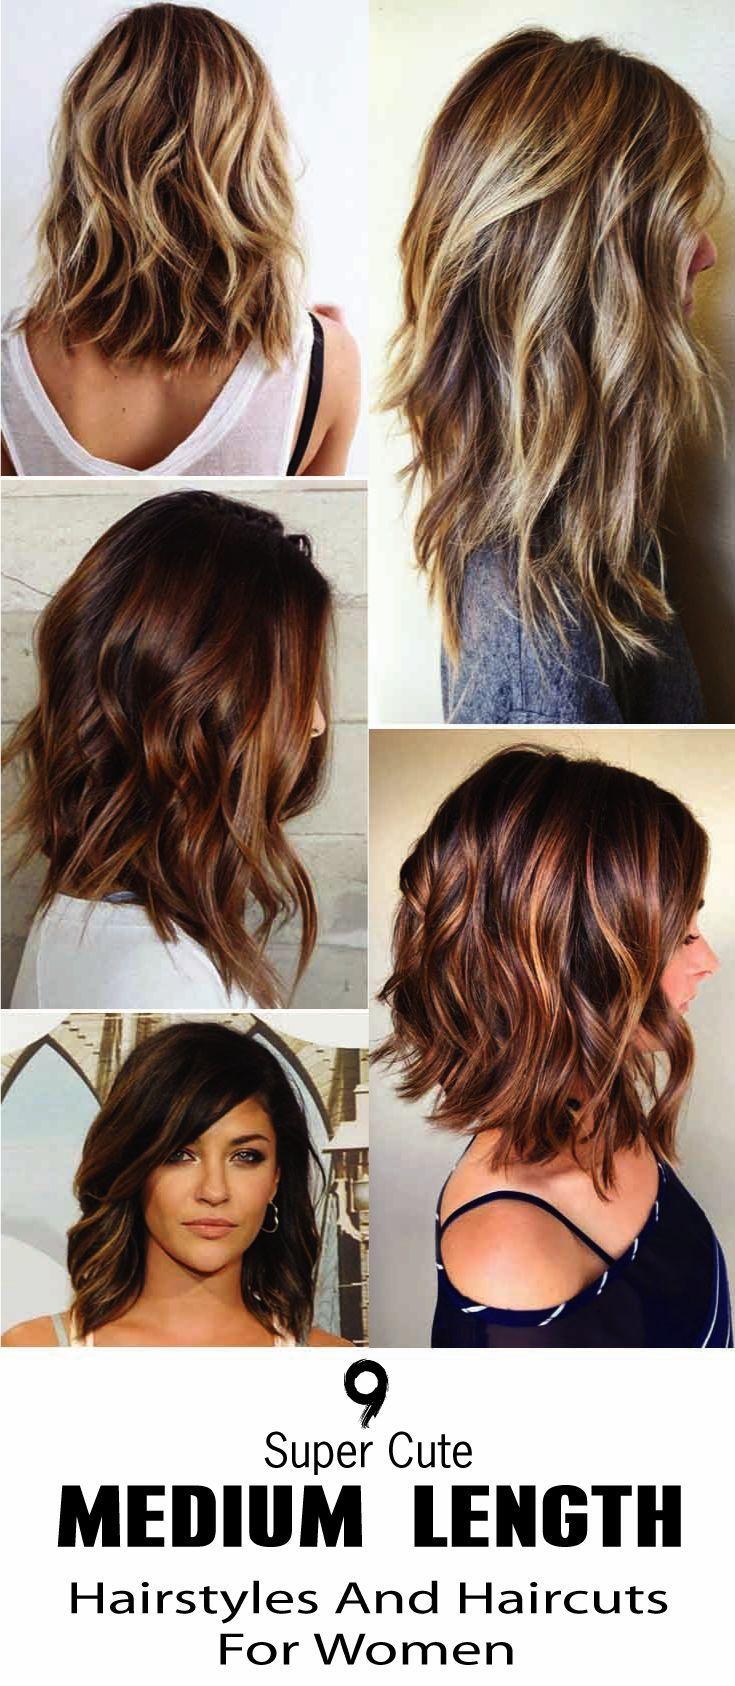 super cute medium length hairstyles and haircuts for women hair